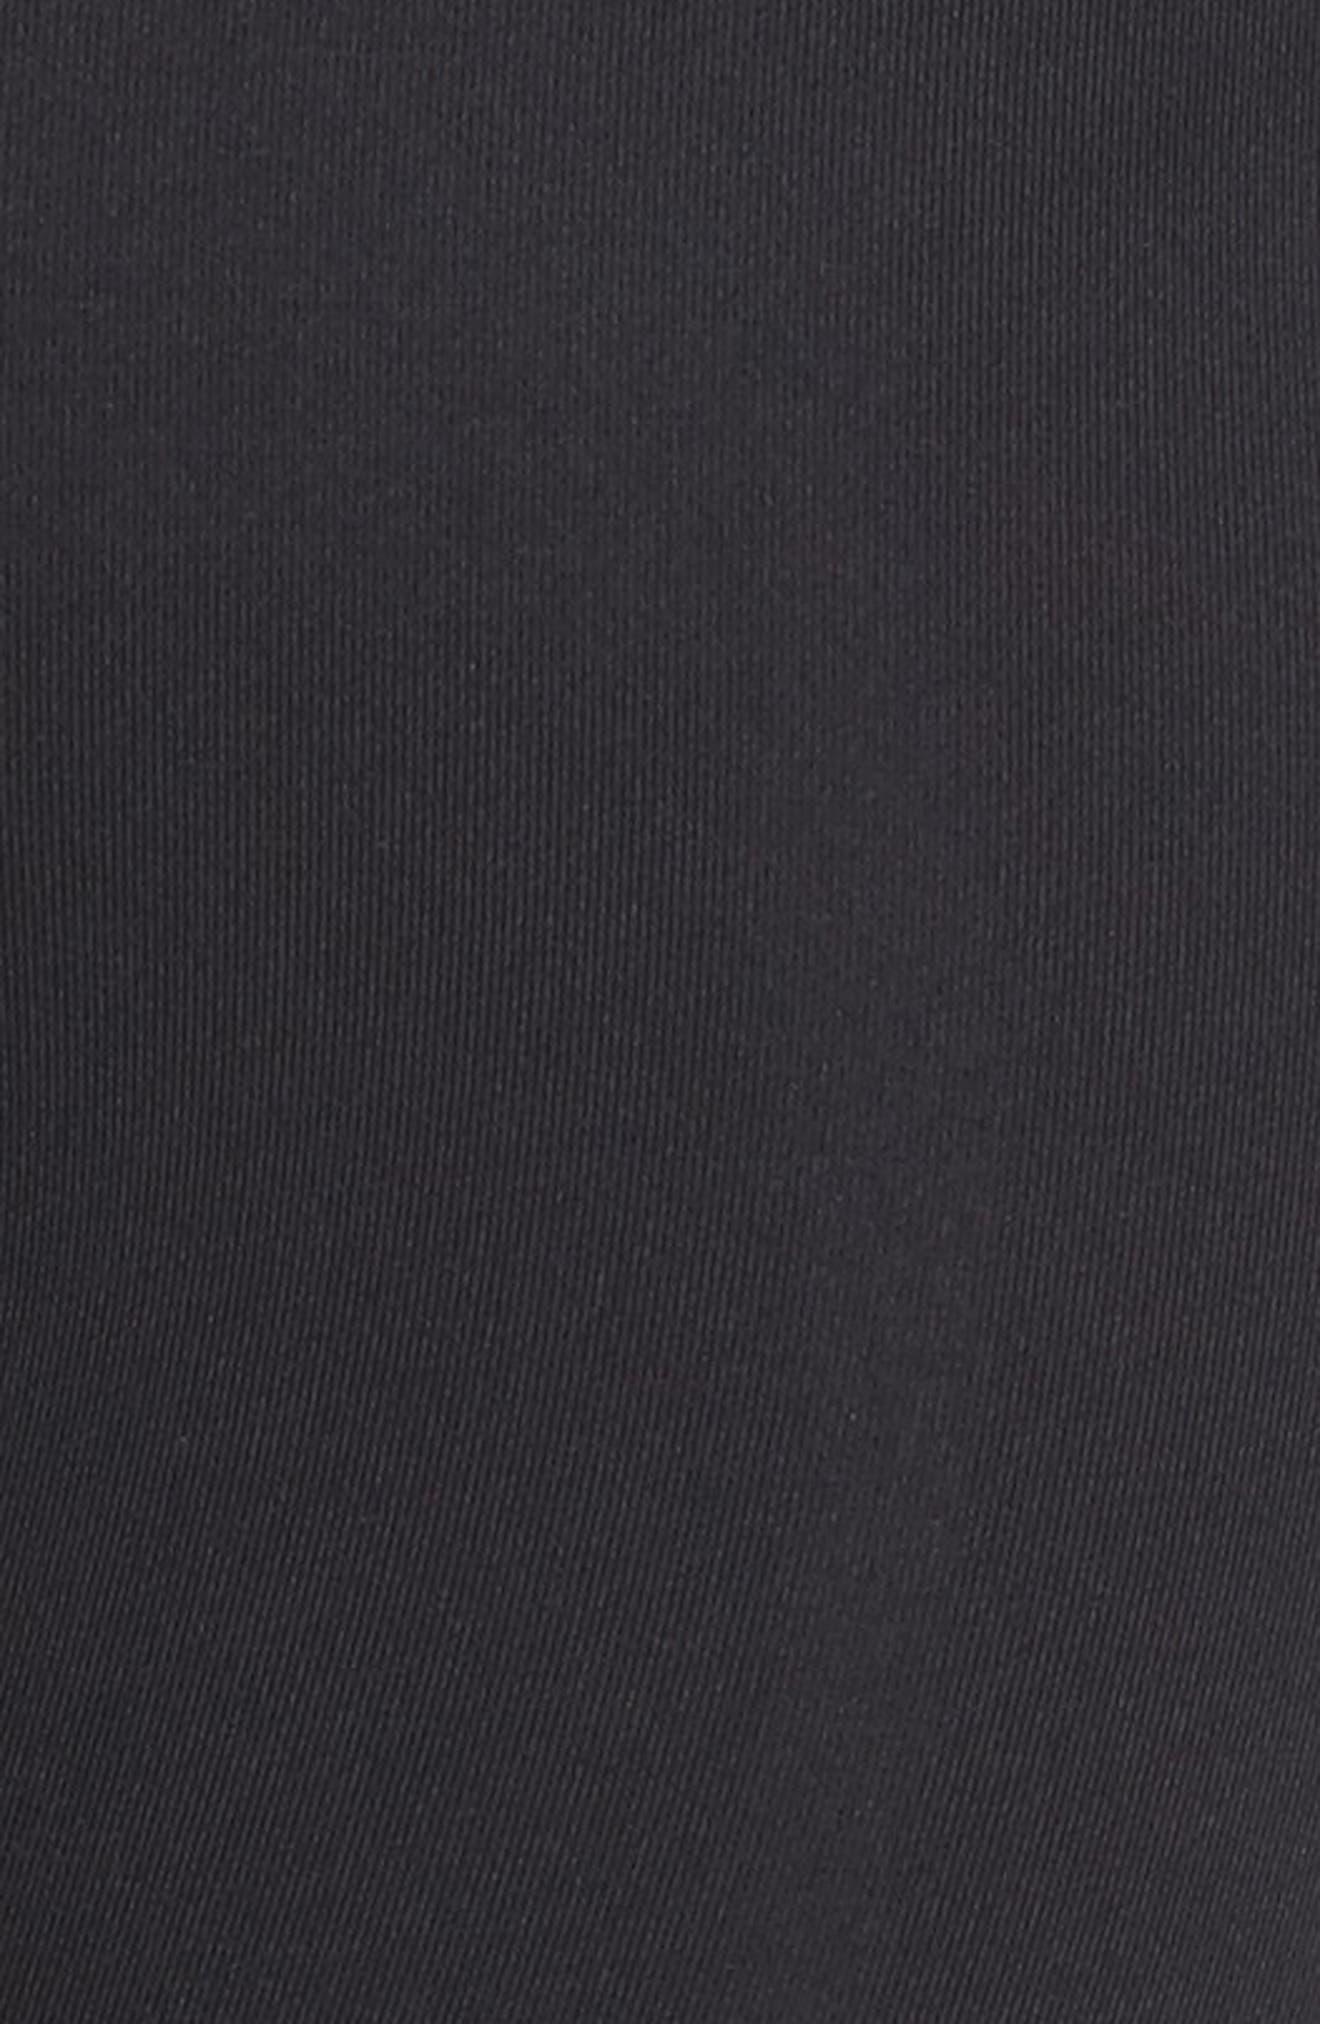 High Waist Asana Light Leggings,                             Alternate thumbnail 6, color,                             Black